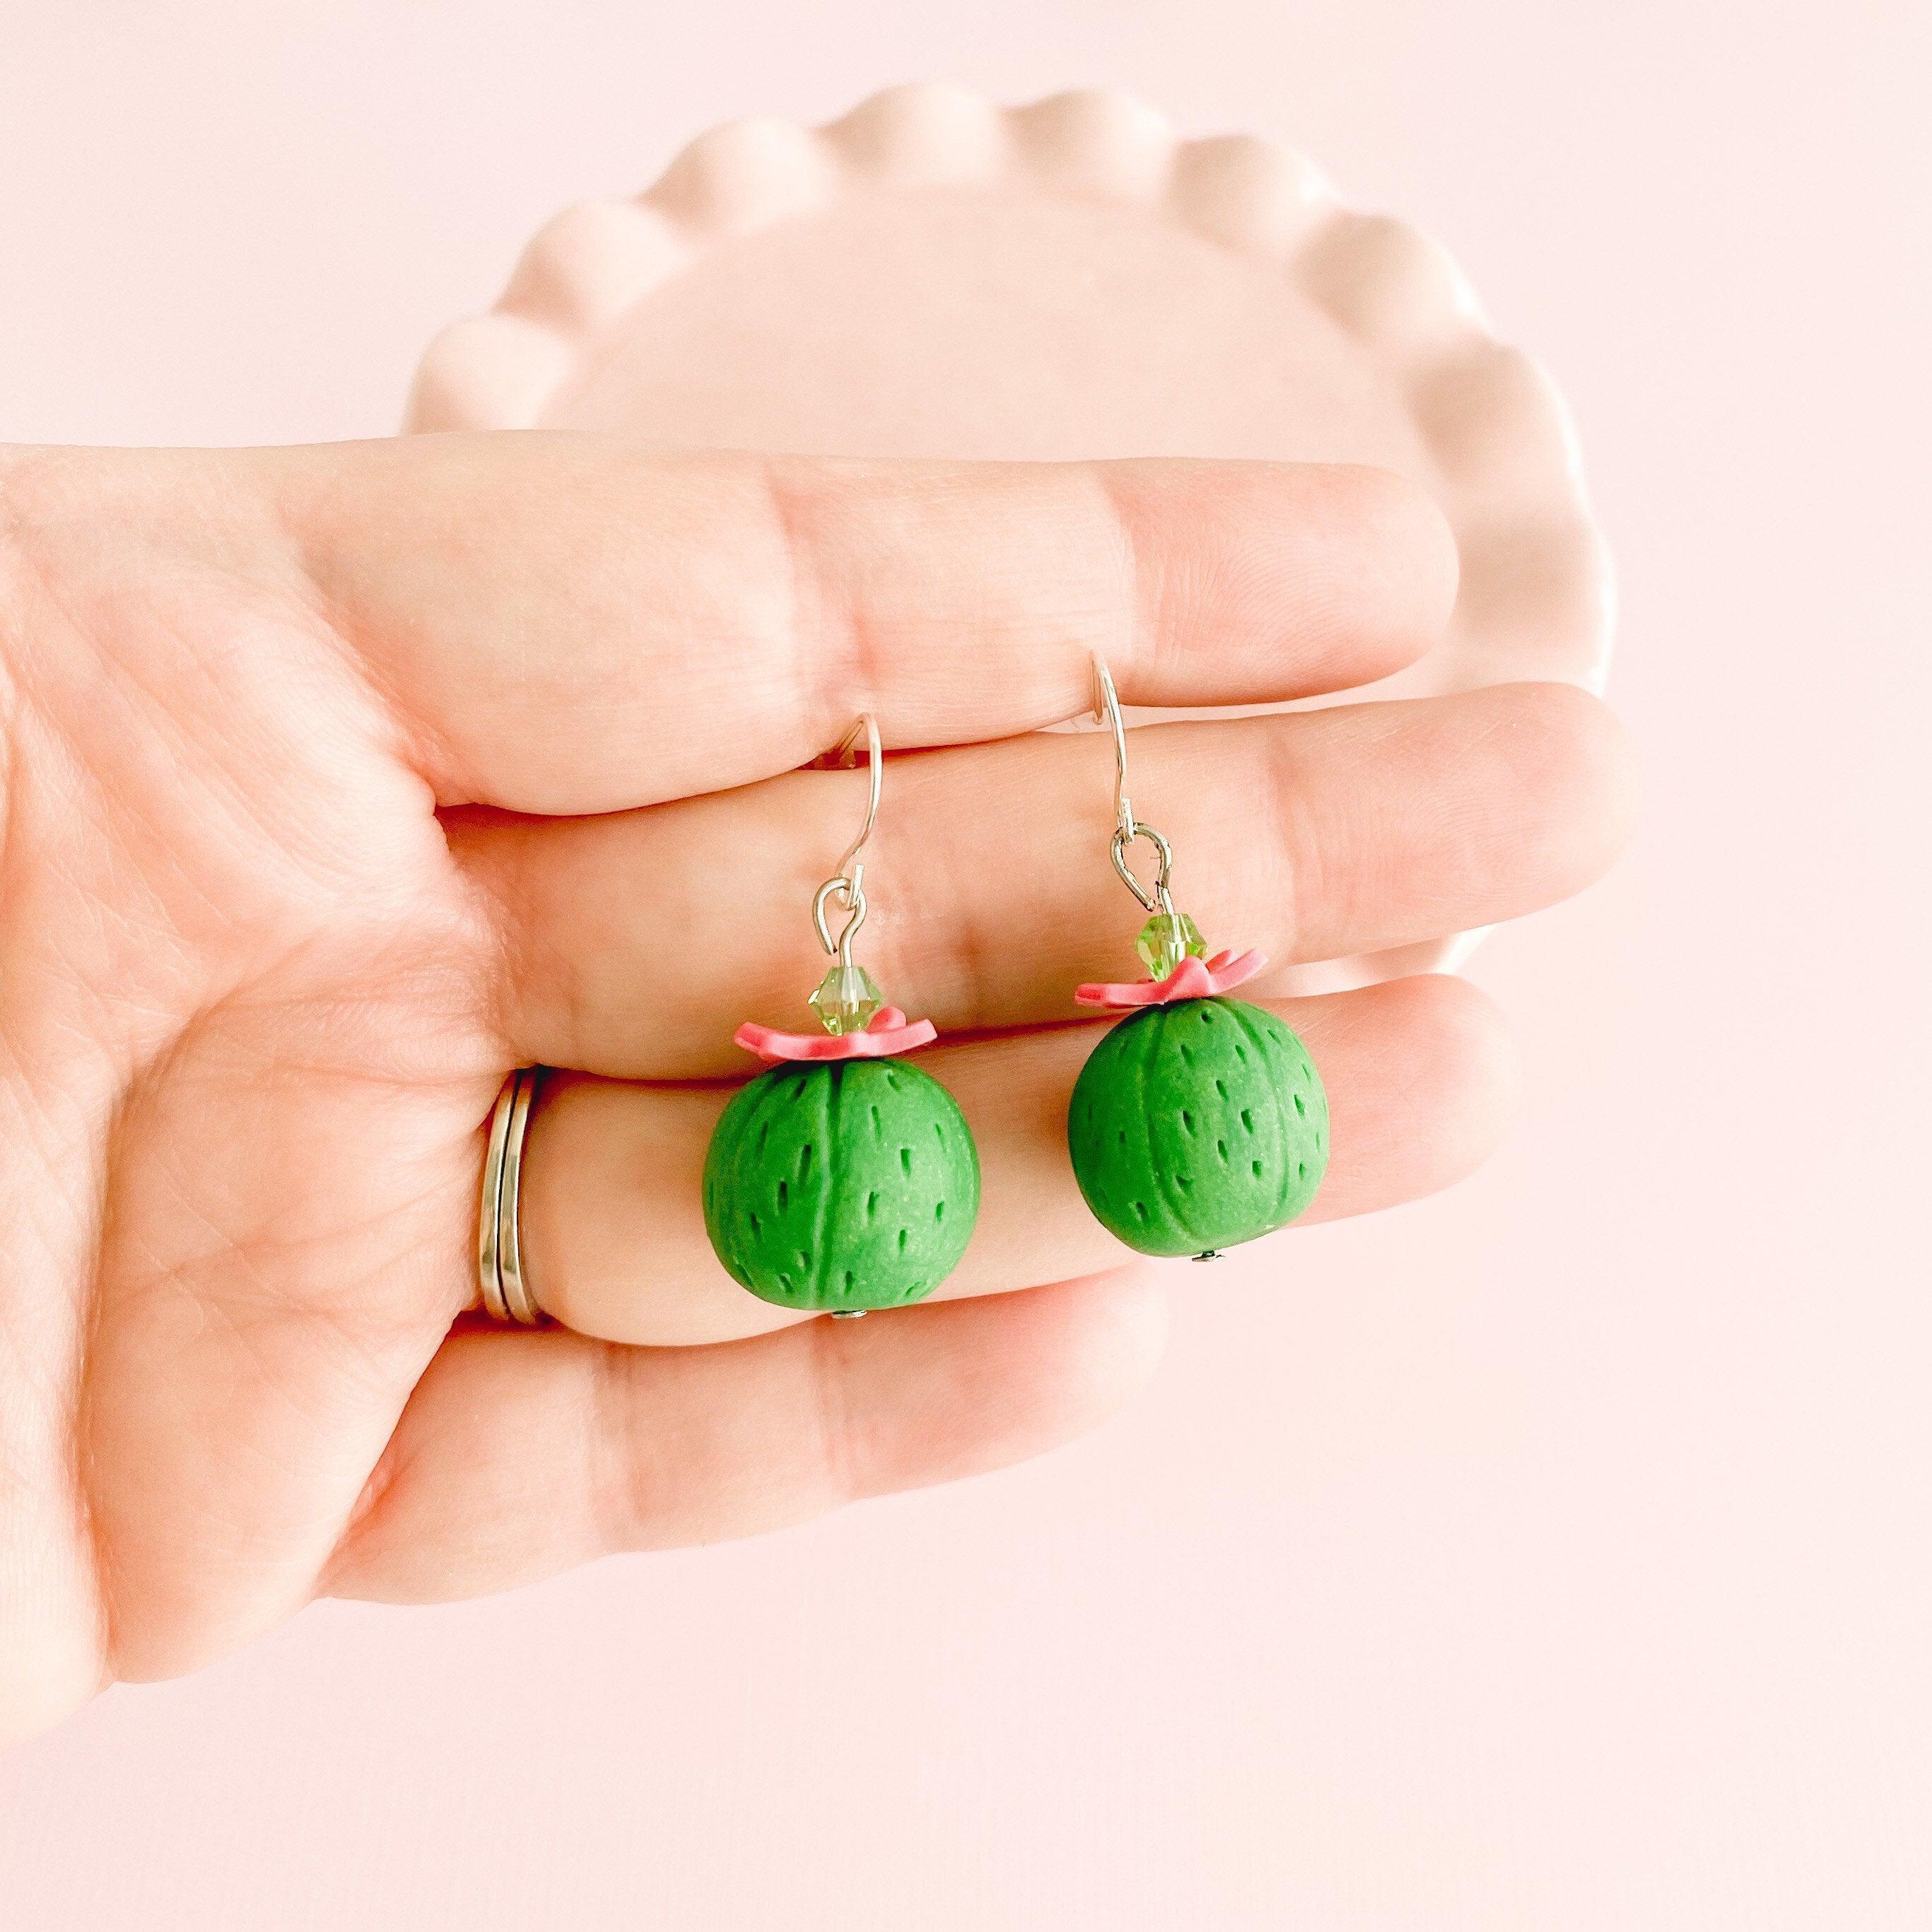 fireflyFrippery Miniature Barrel Cactus Earrings in Hand